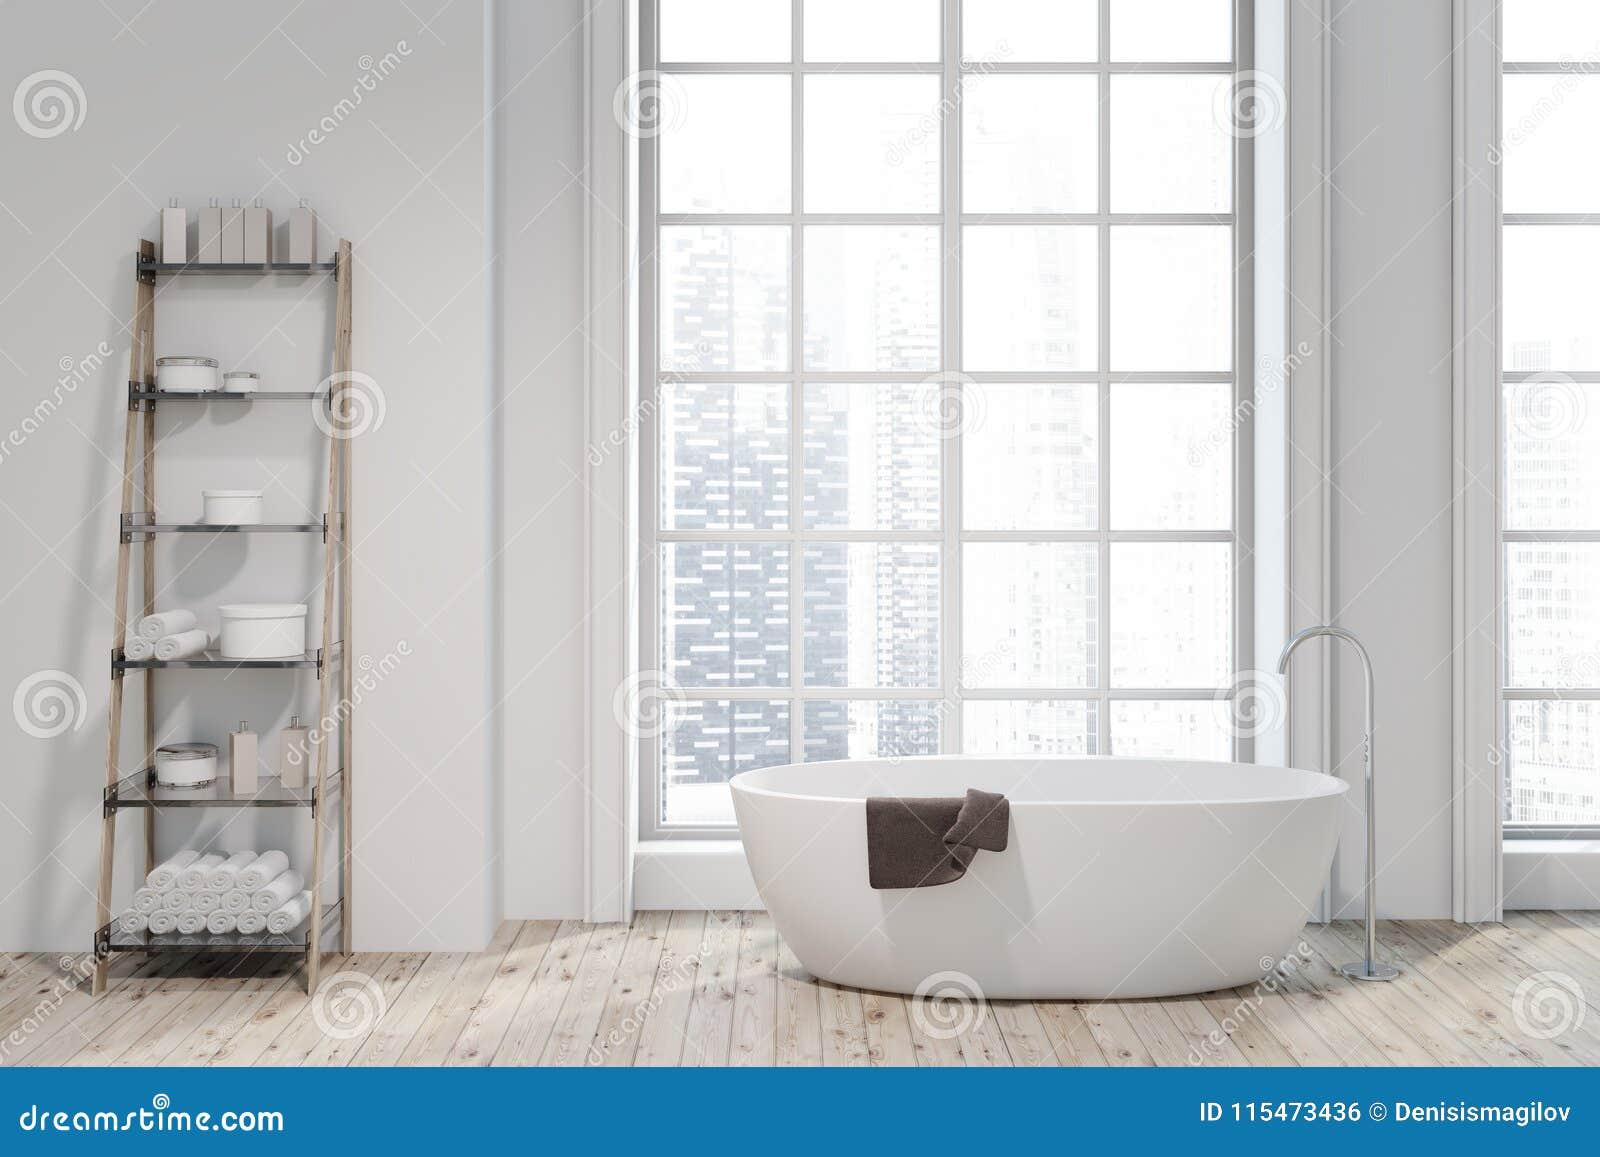 Ванная комната внутренняя, белый ушат просторной квартиры, полки